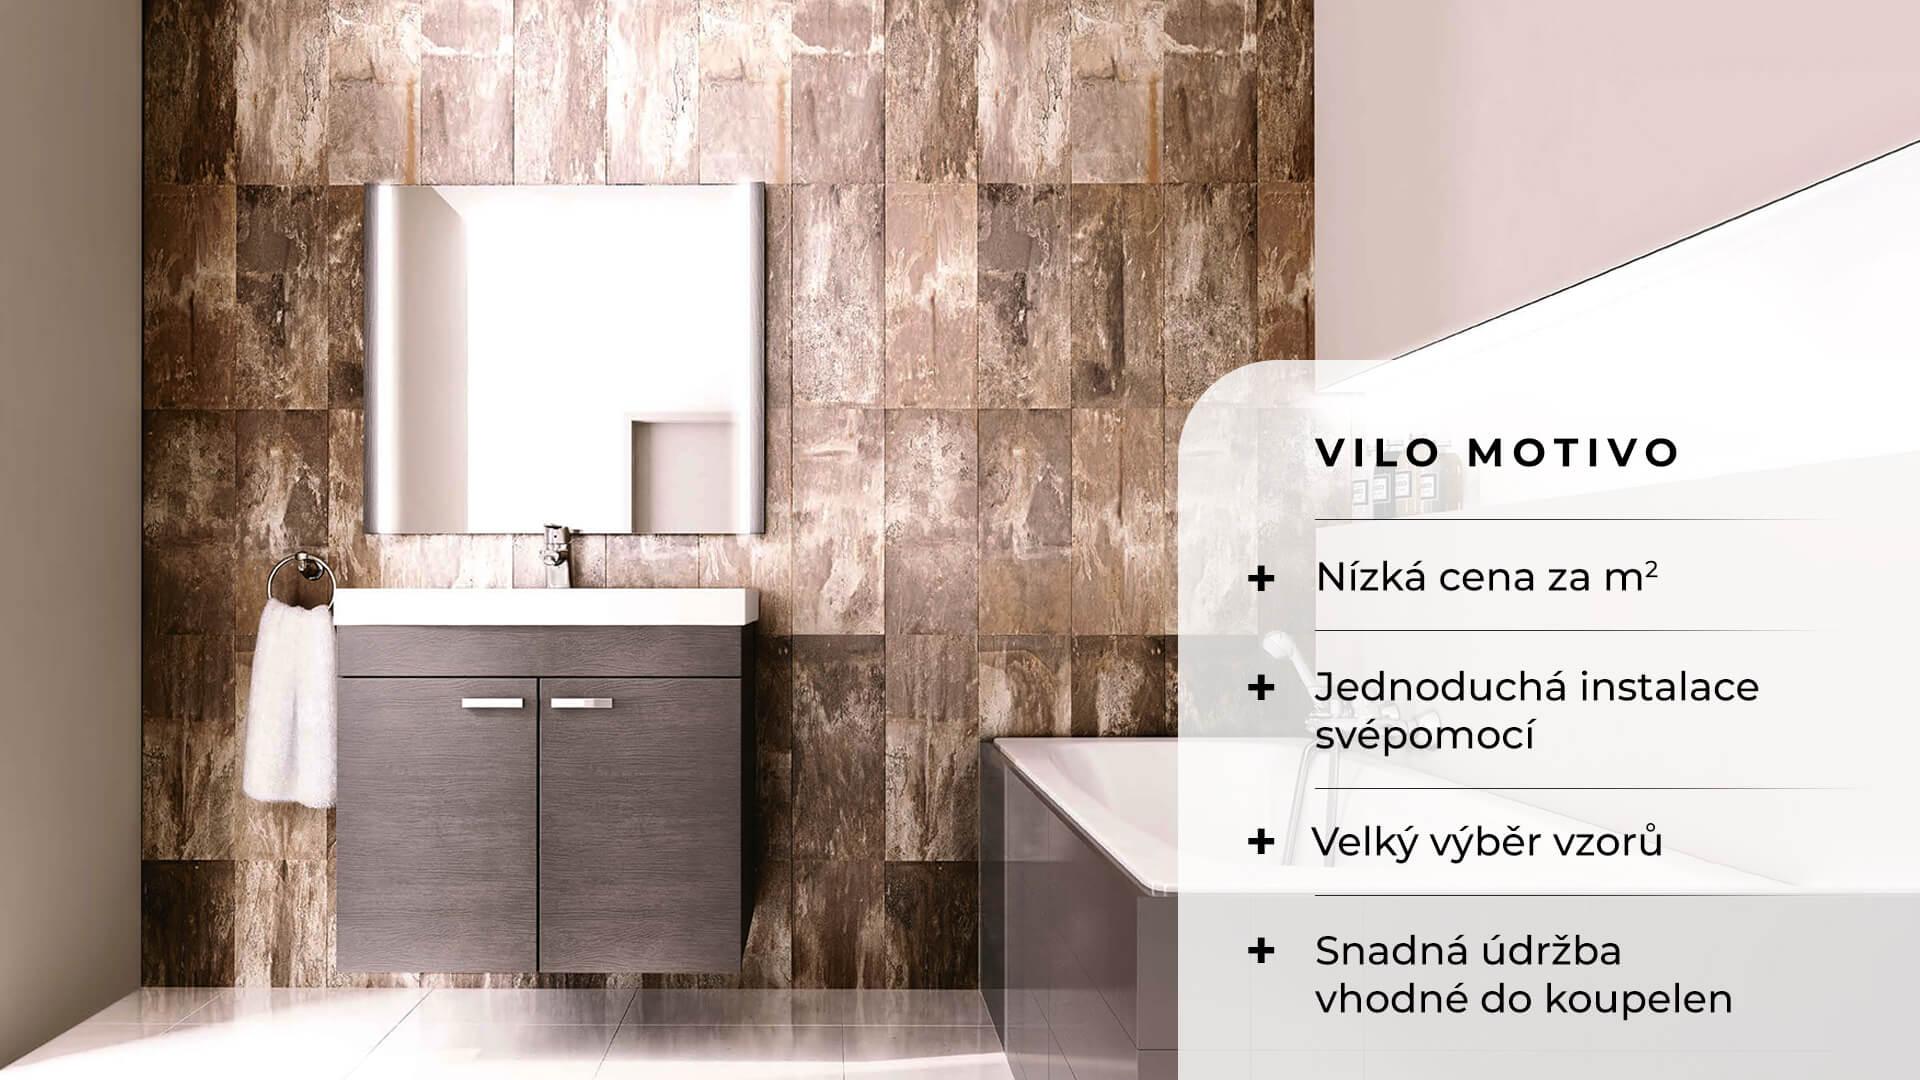 Obkladové panely Vilo Motivo